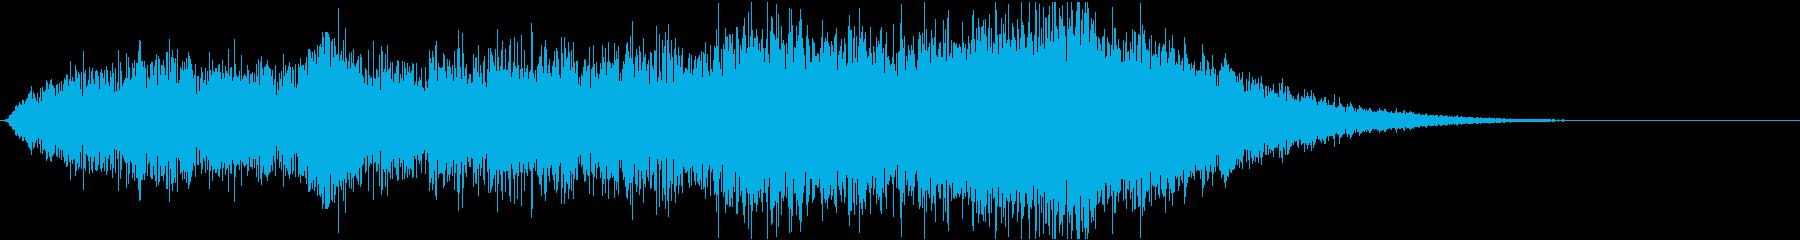 ホラー系効果音17の再生済みの波形